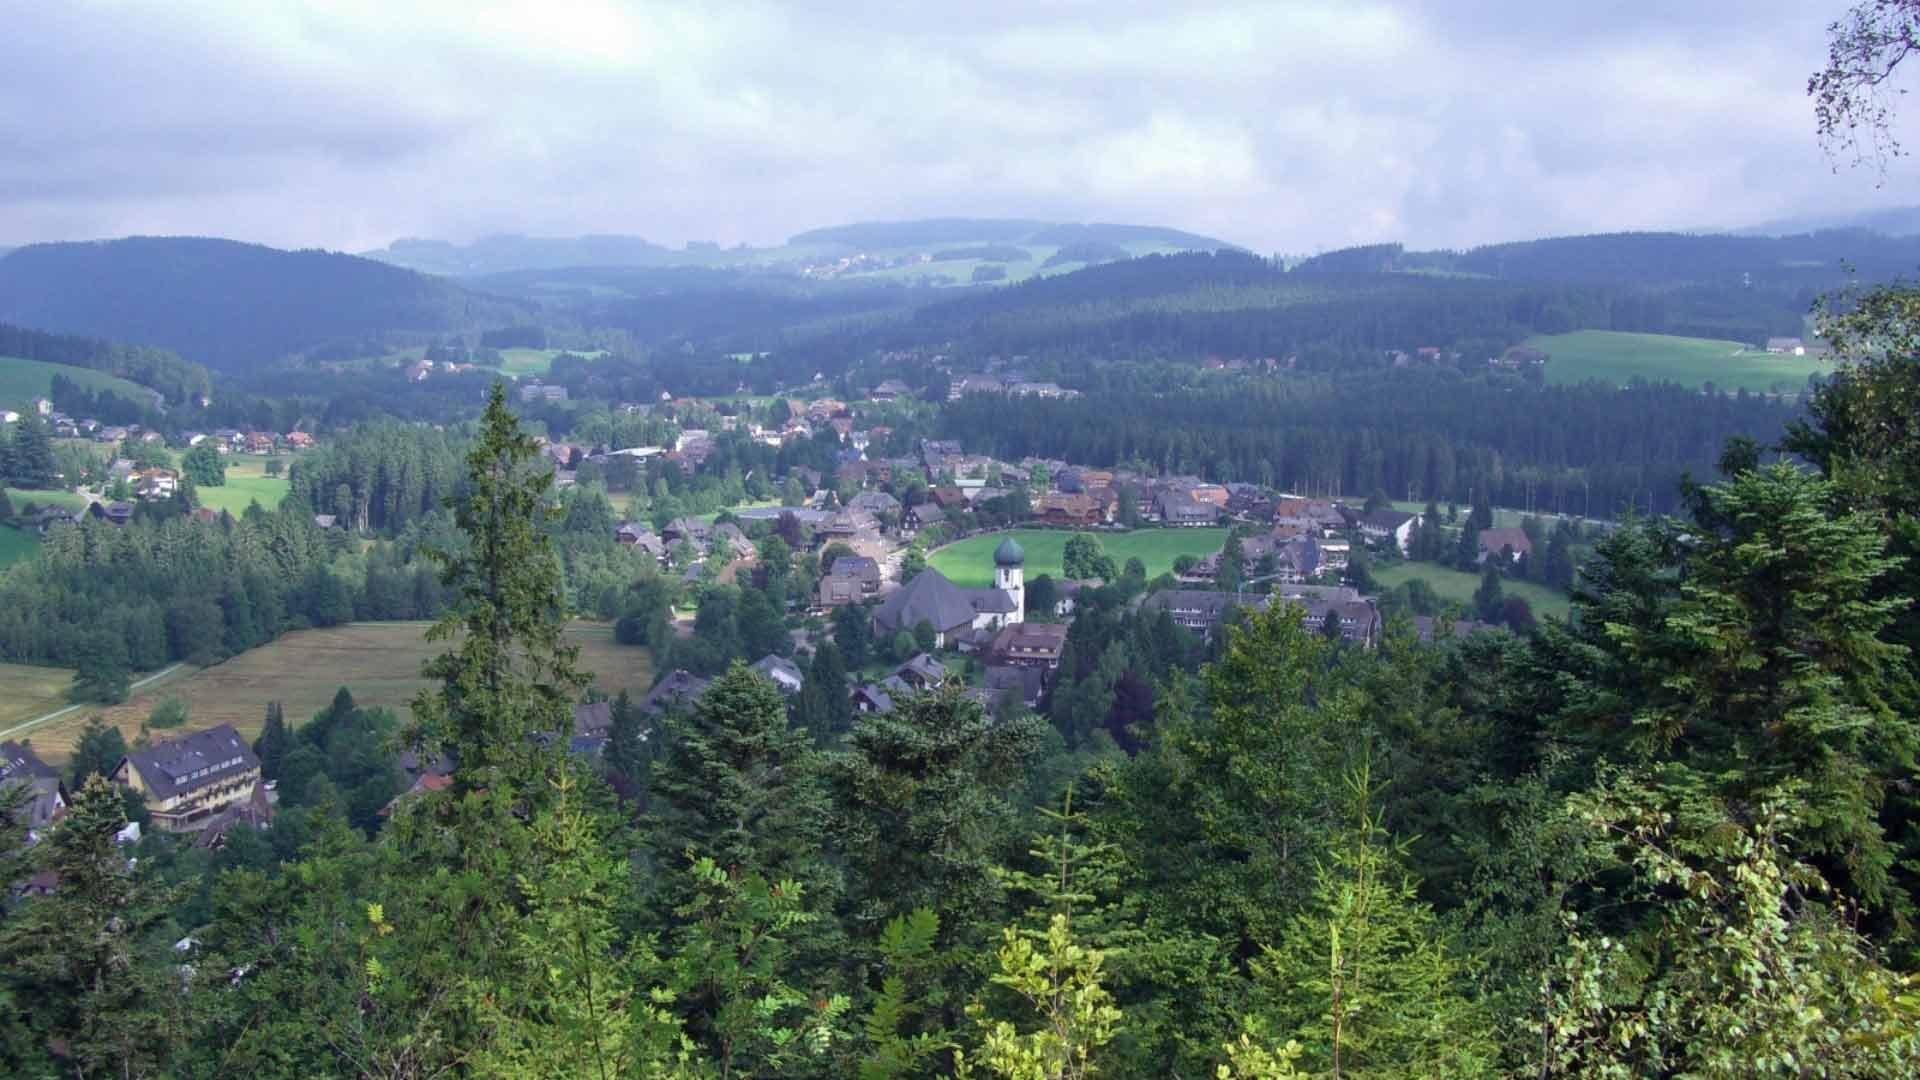 Uitzicht op Hinterzarten in het Zwarte Woud.